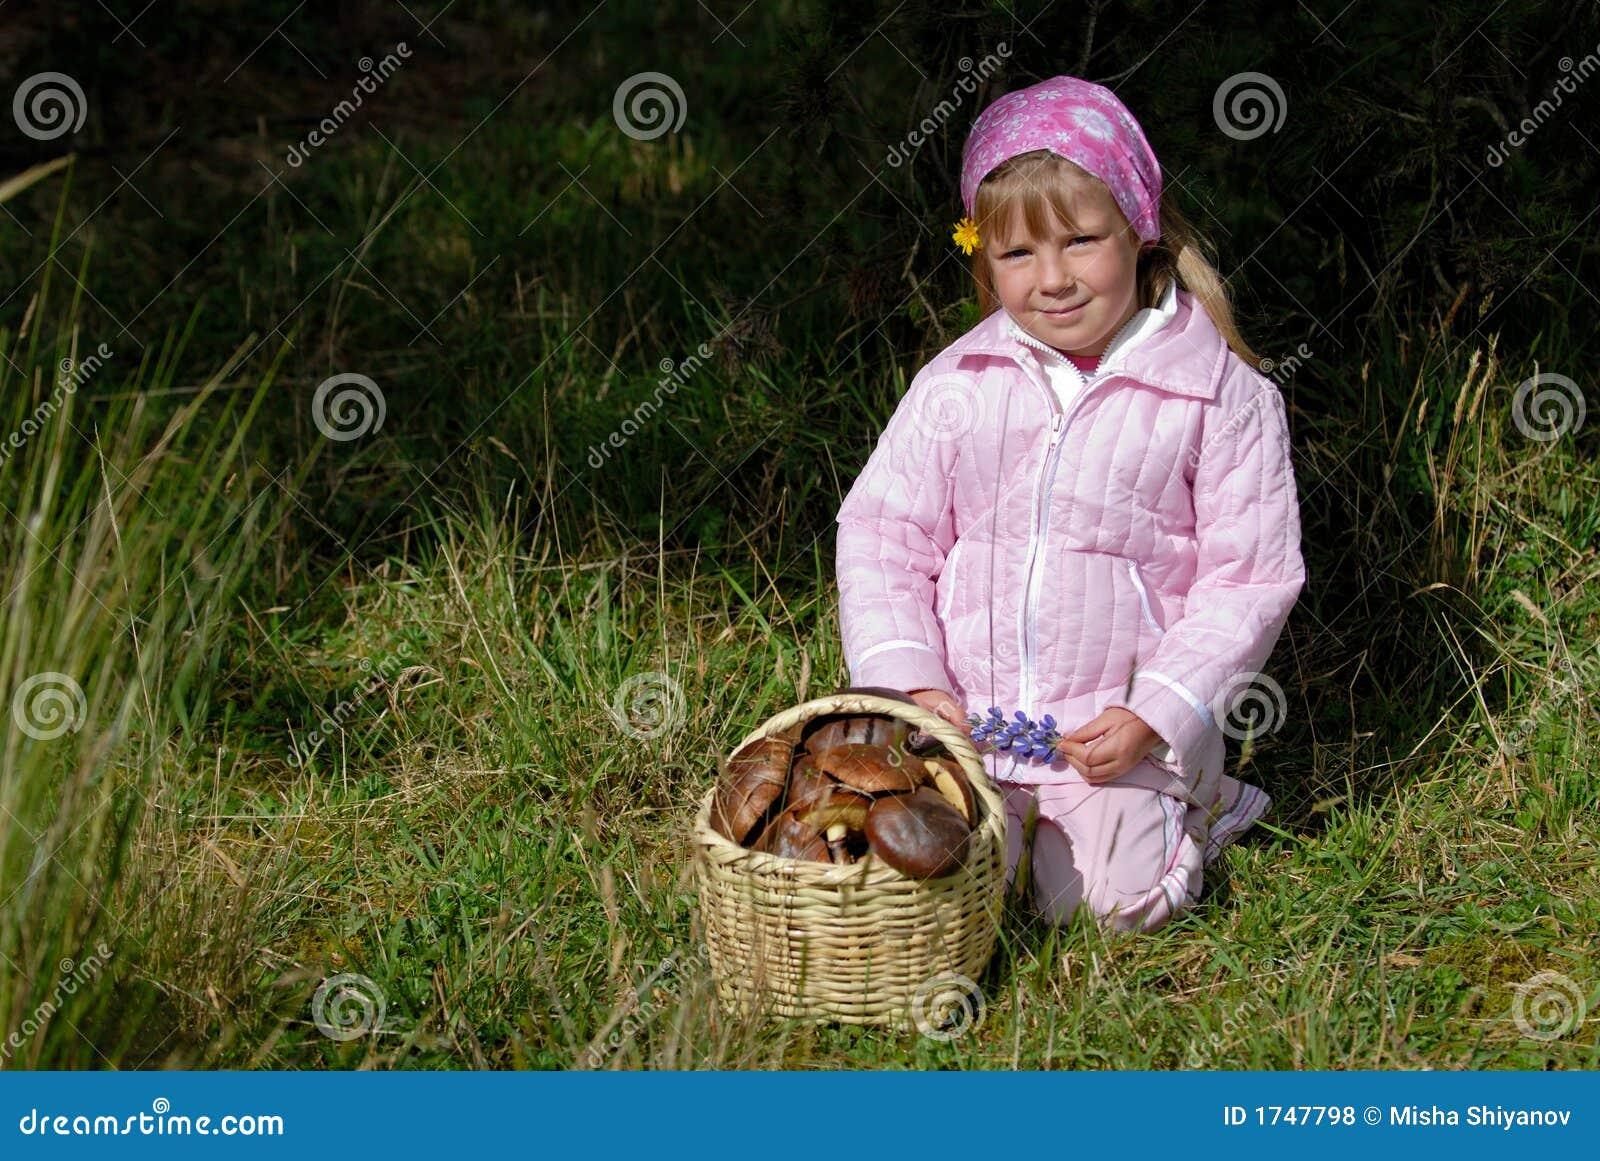 Kleines Mädchen mit Korb der Pilze